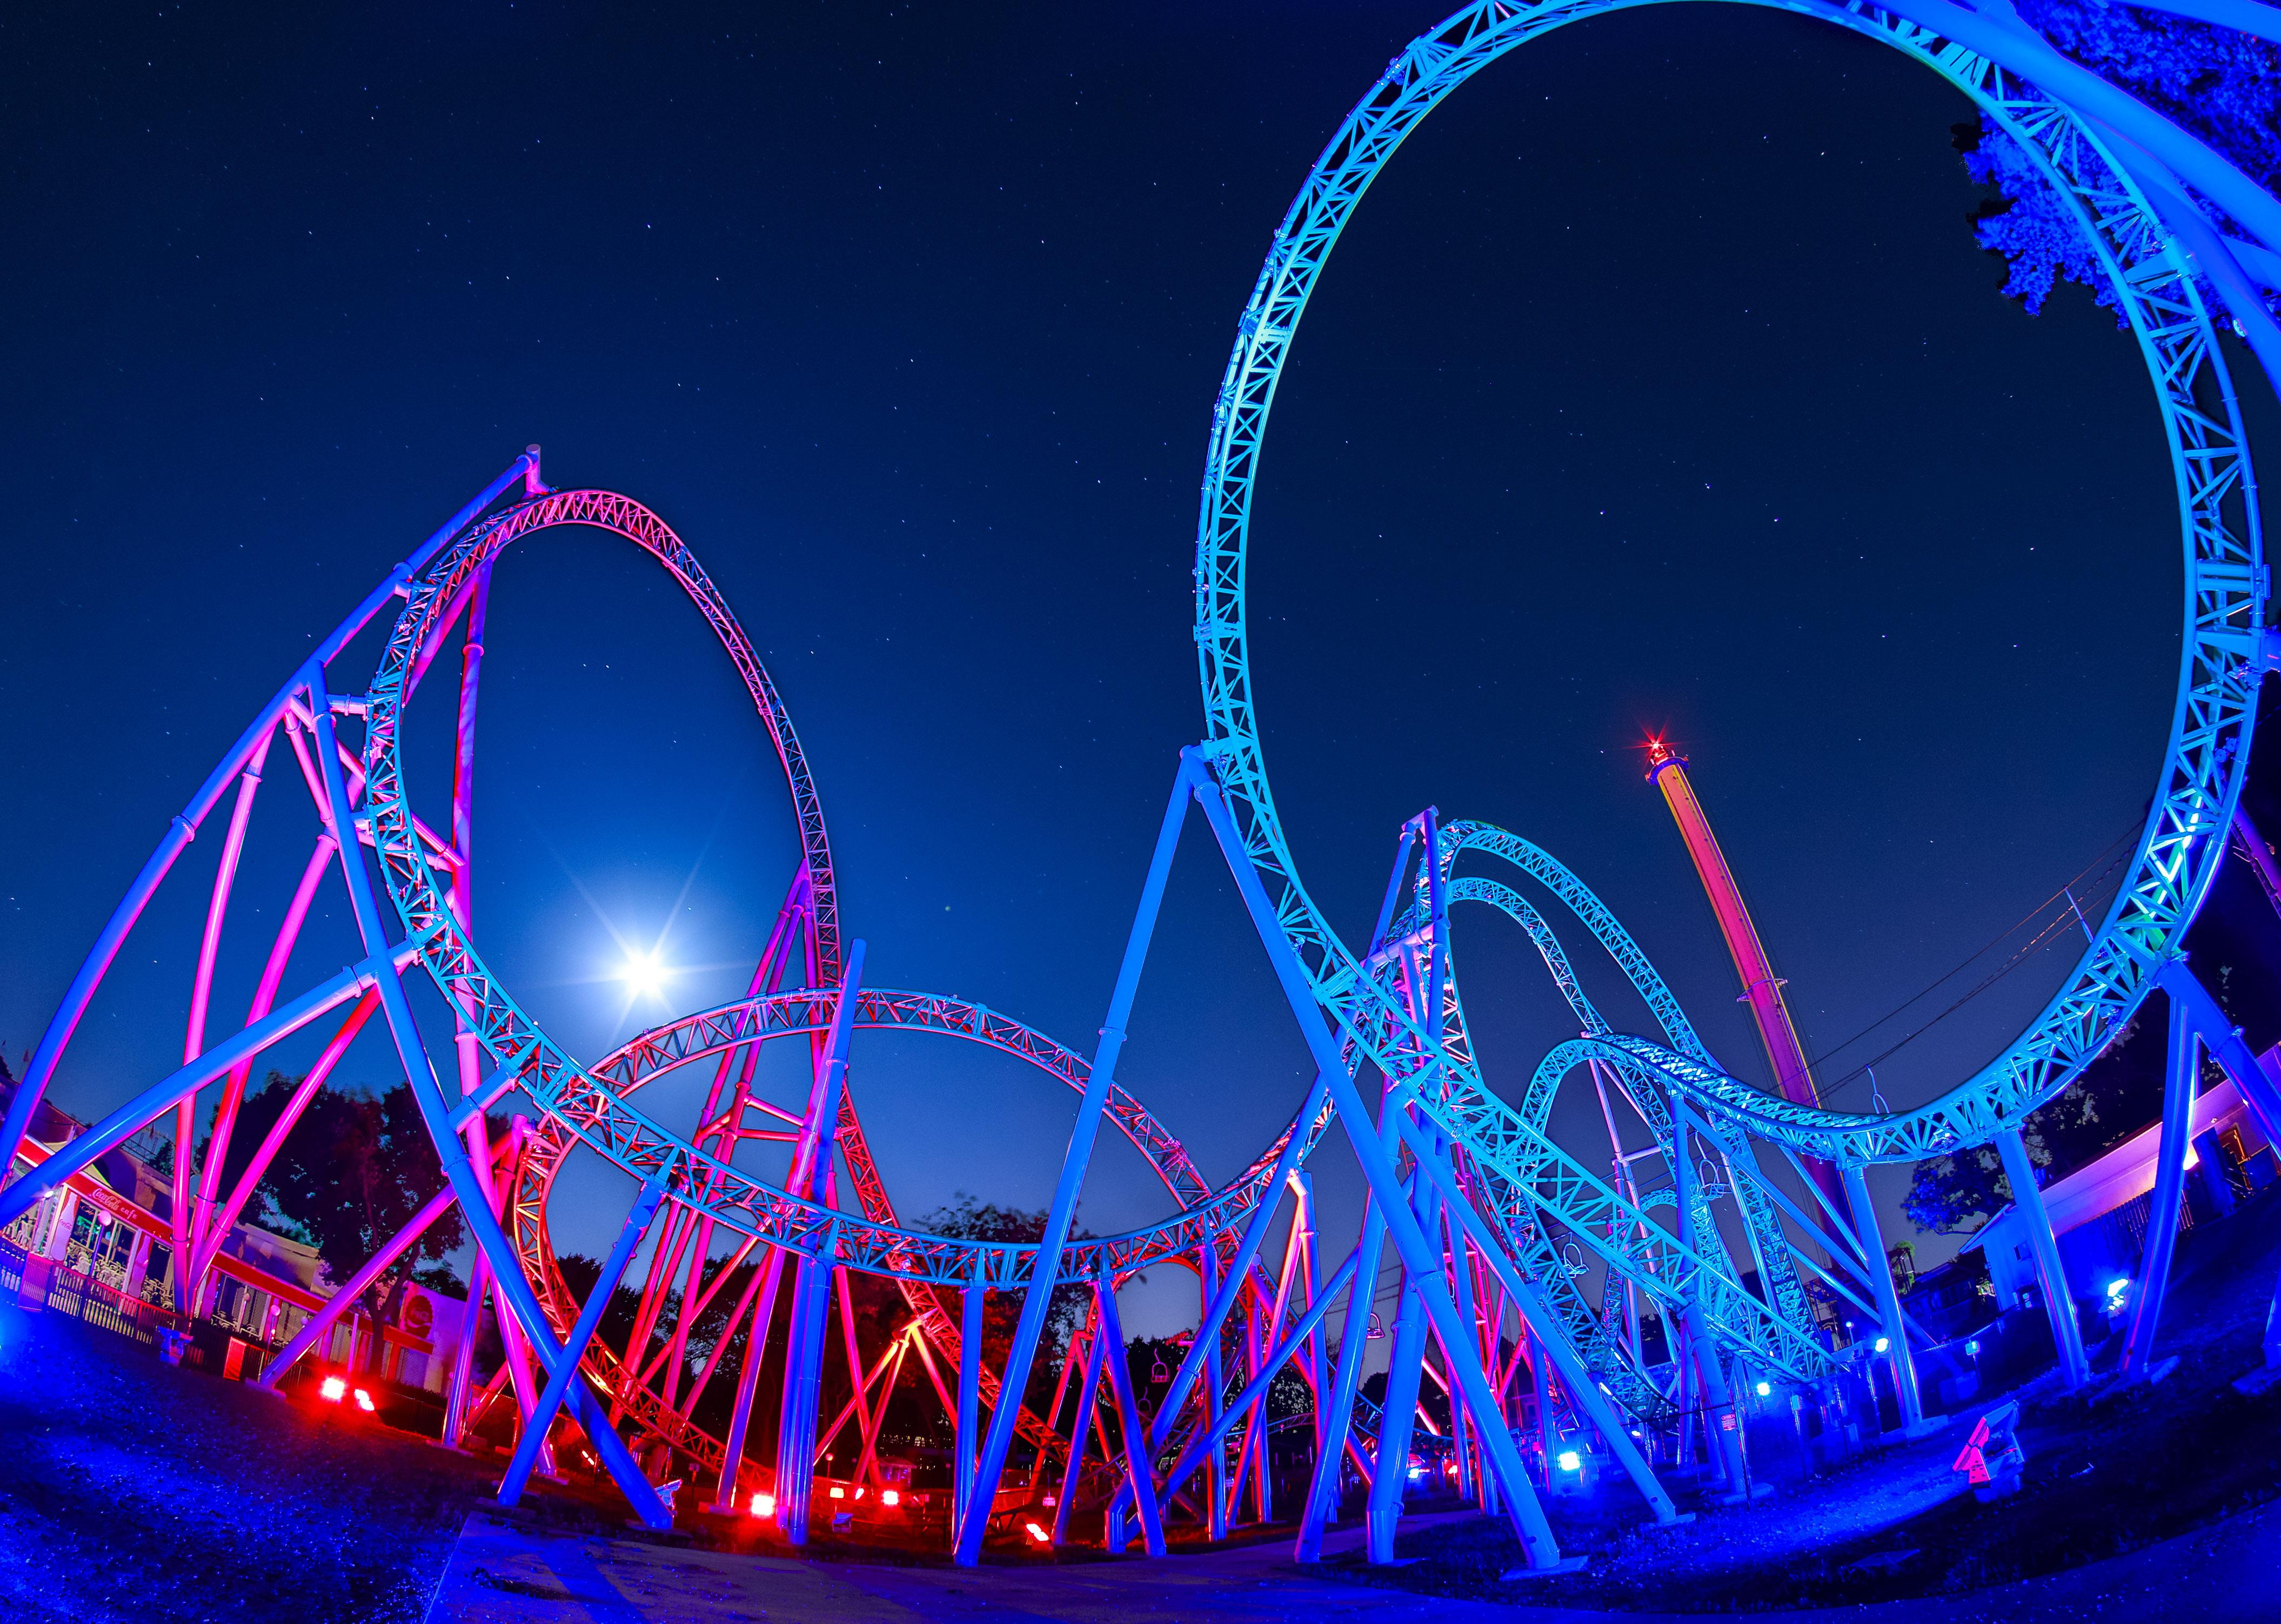 East Corner_0001_Blue and Purple Coaster